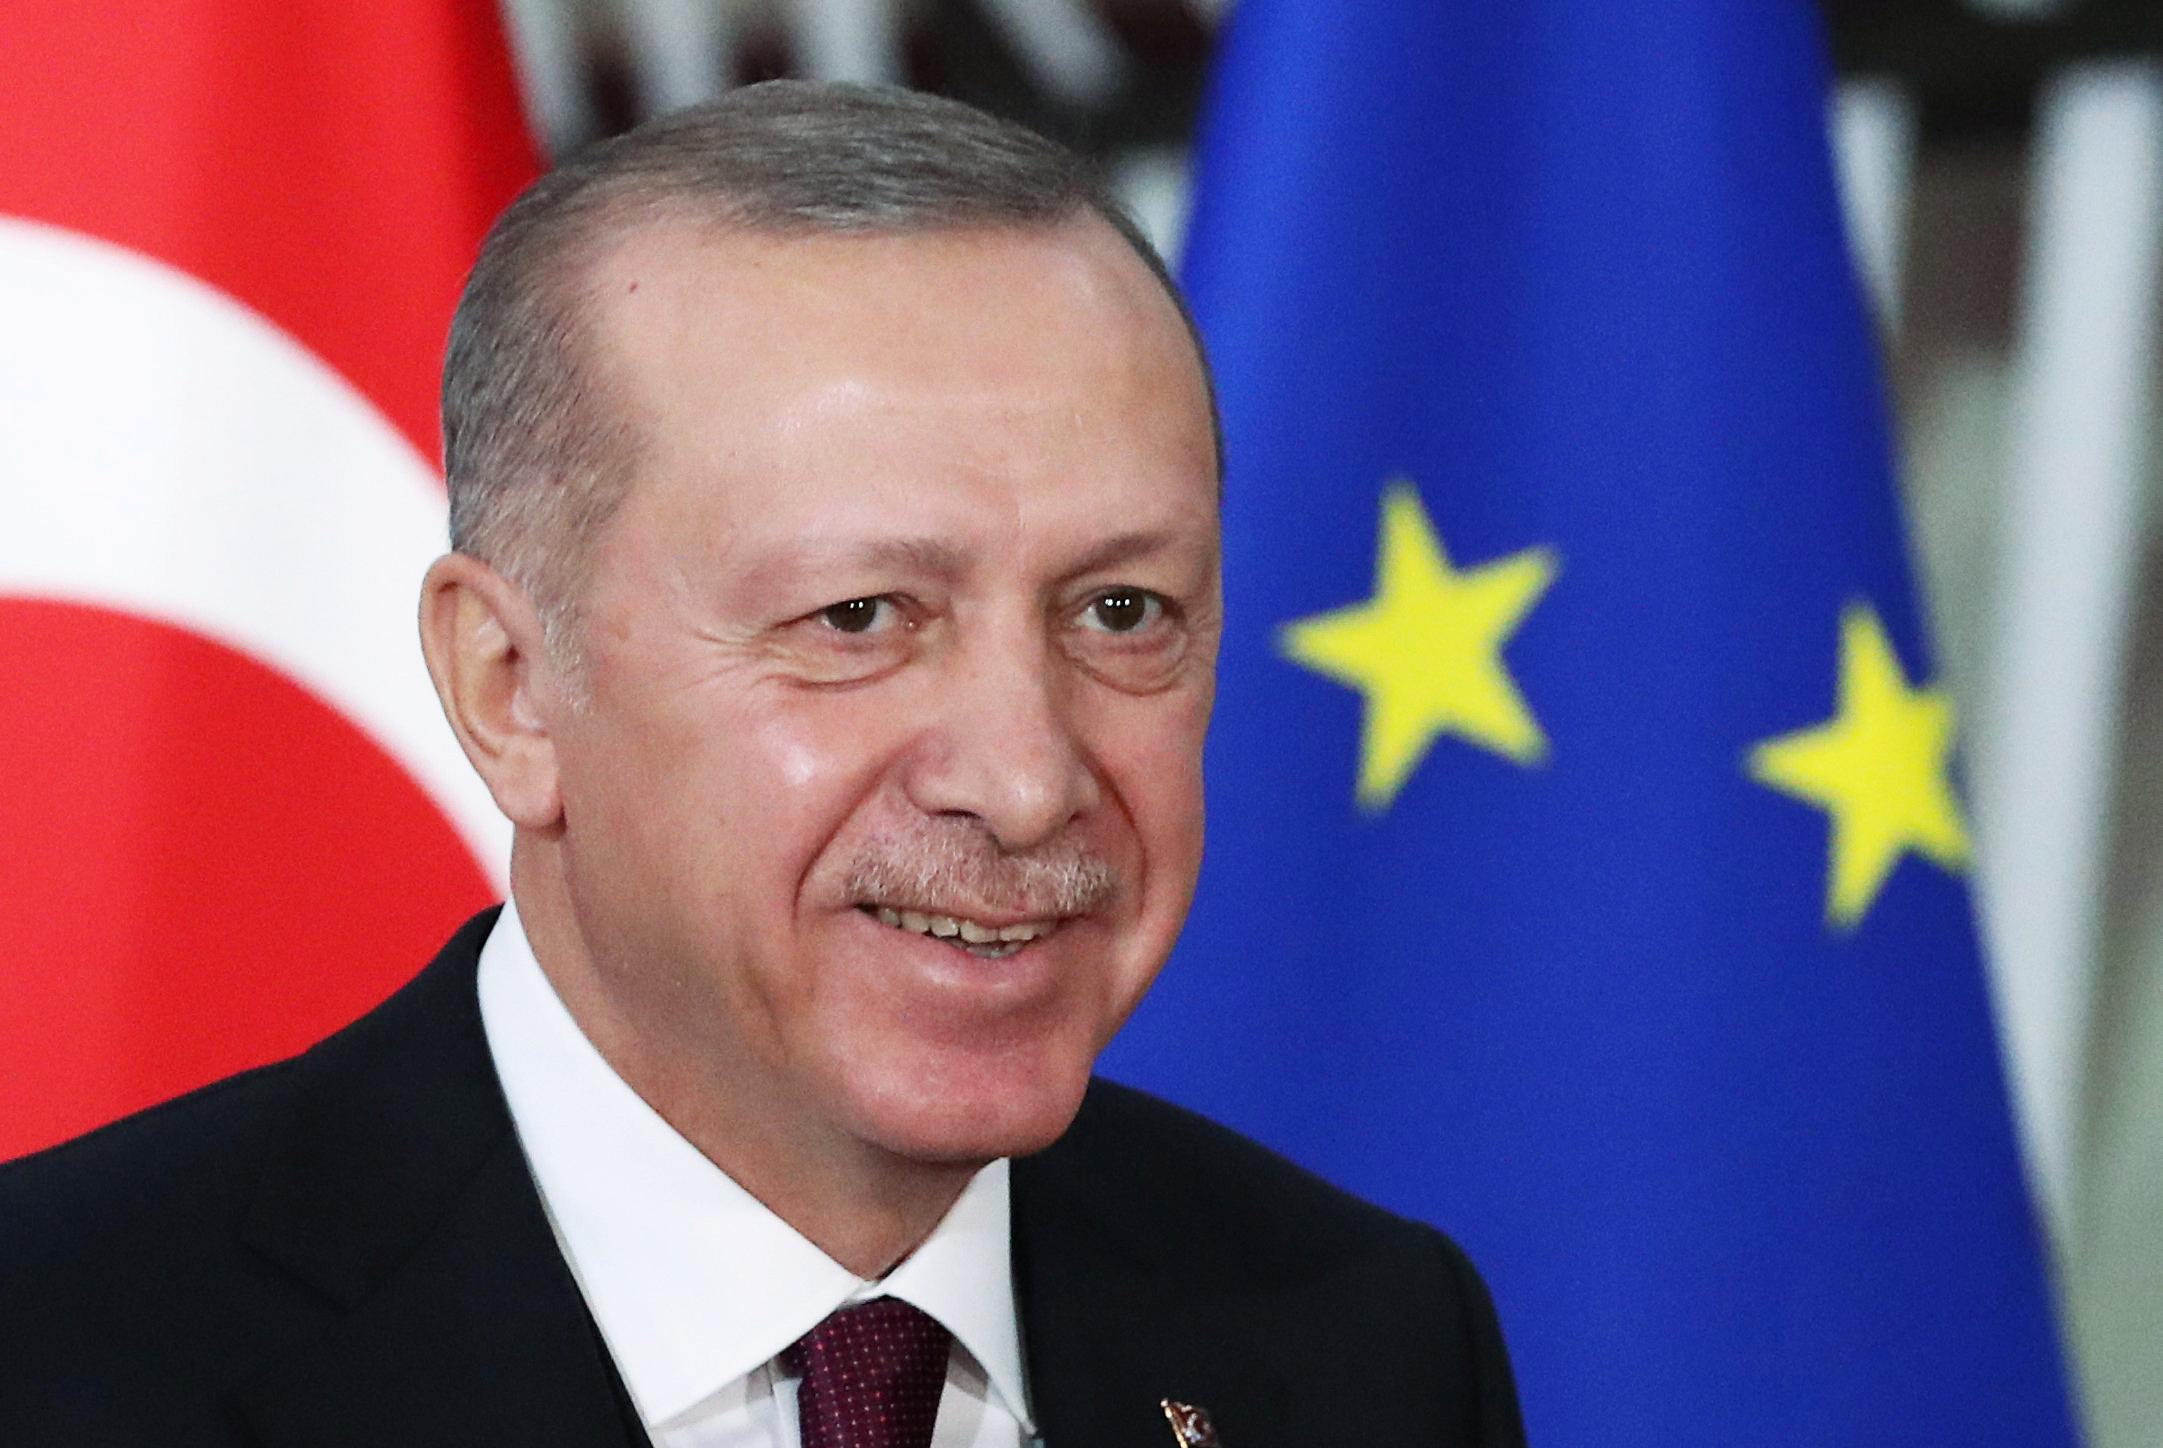 Эрдоган обвинил Армению в оккупации территорий Азербайджана